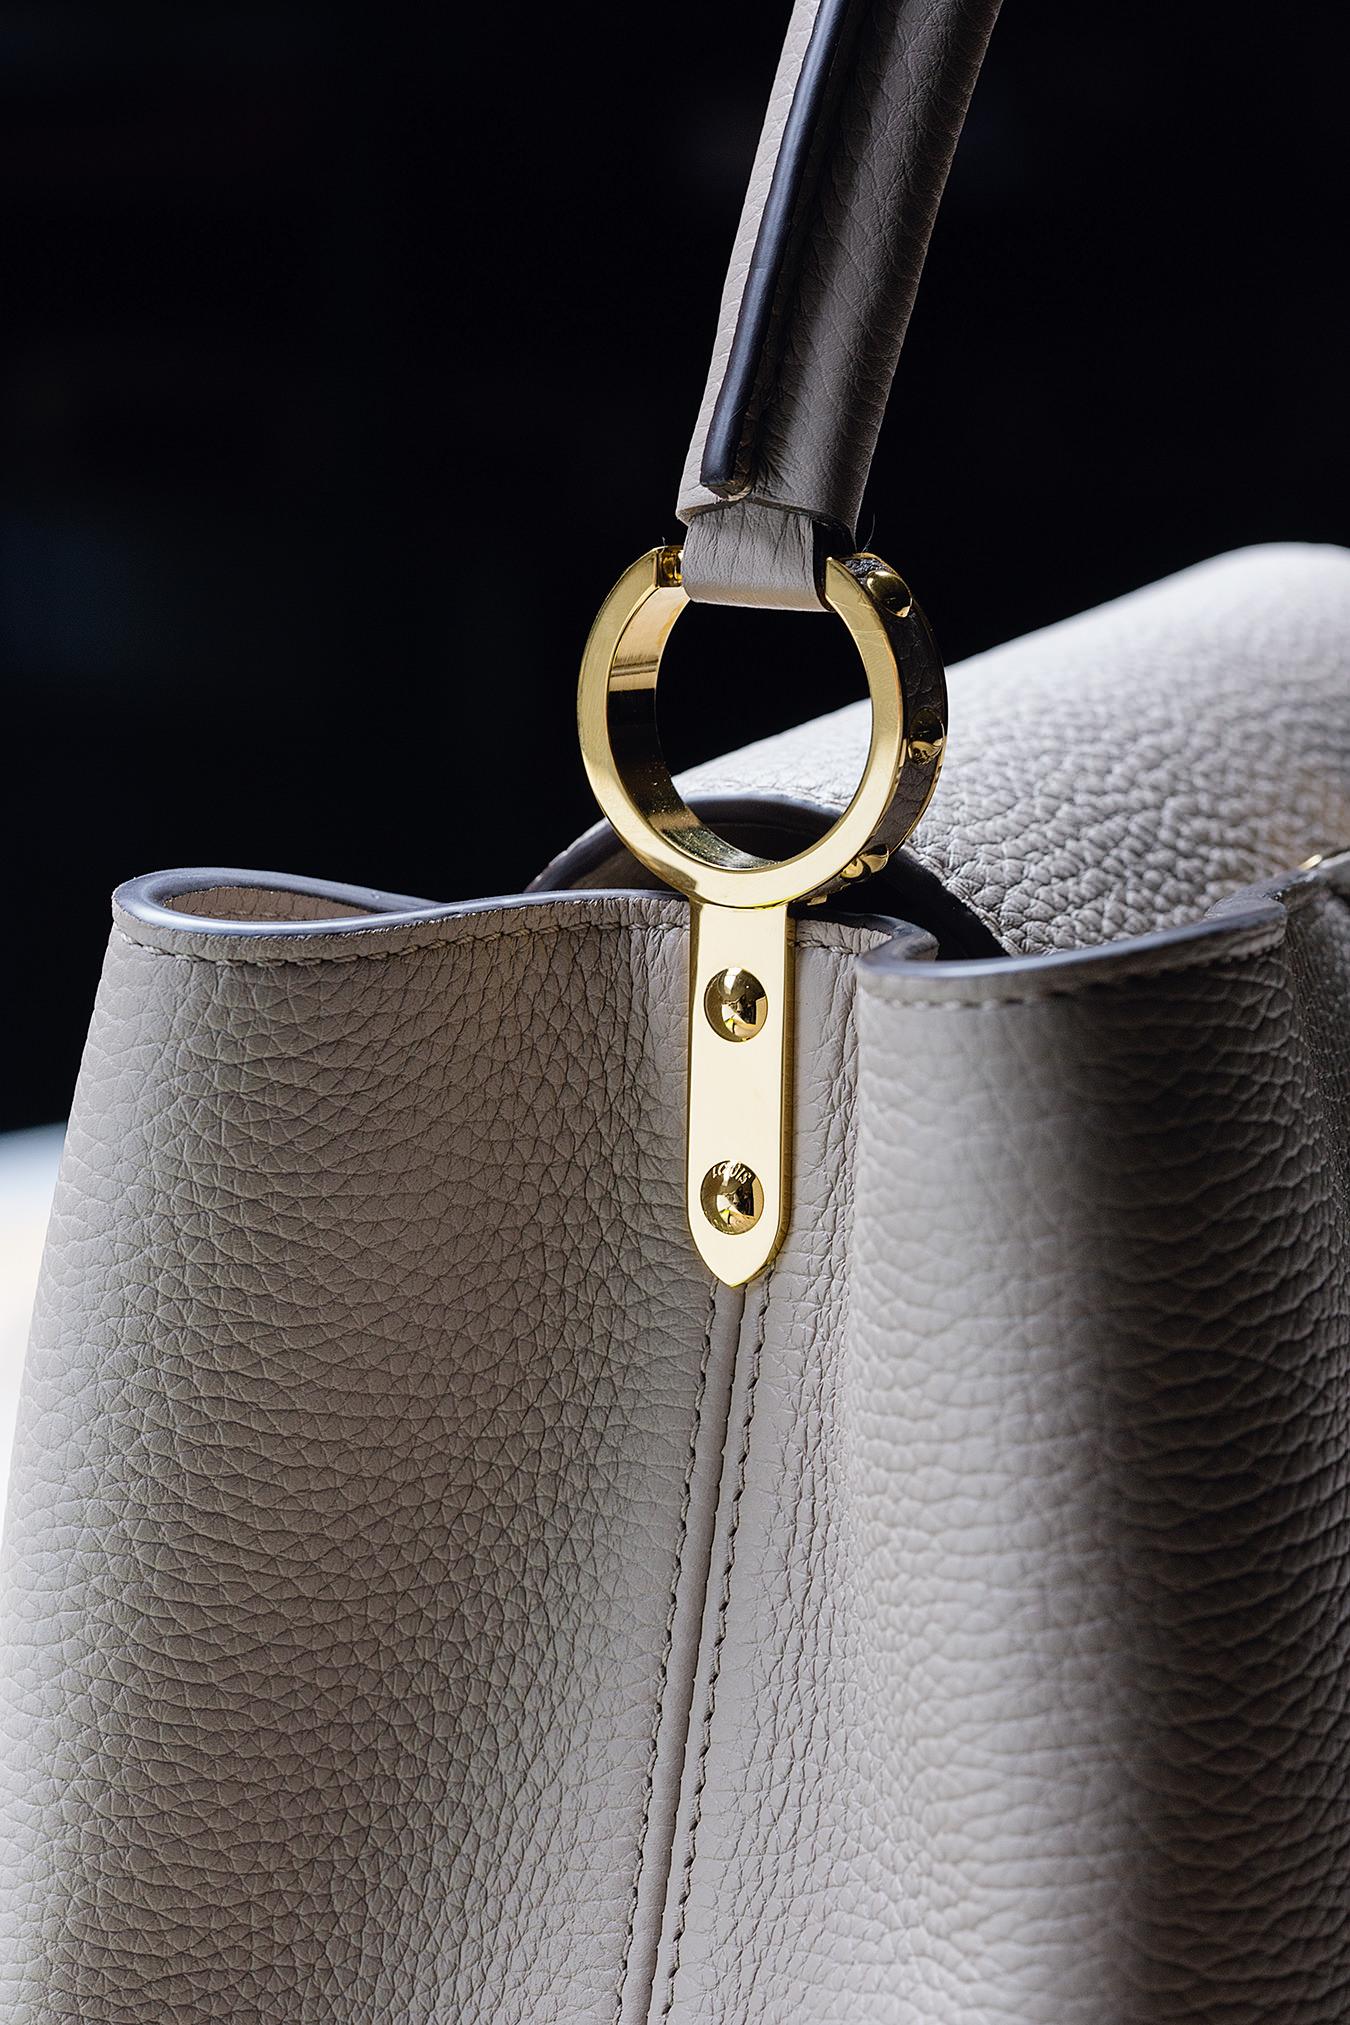 Louis Vuitton S Capucines Handbag Nuvo